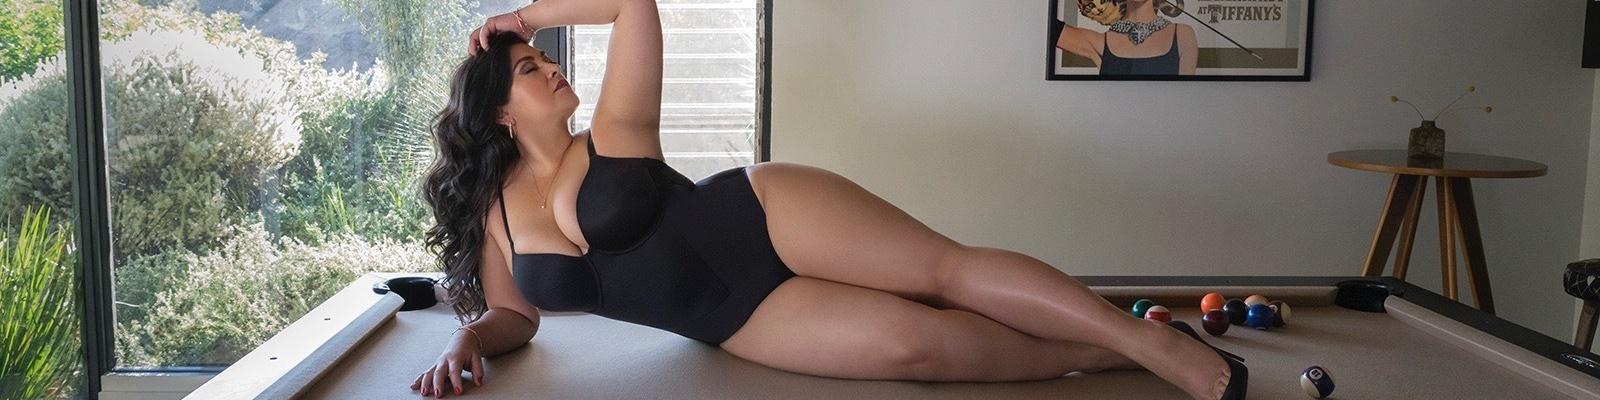 Angelica Luna's Cover Photo